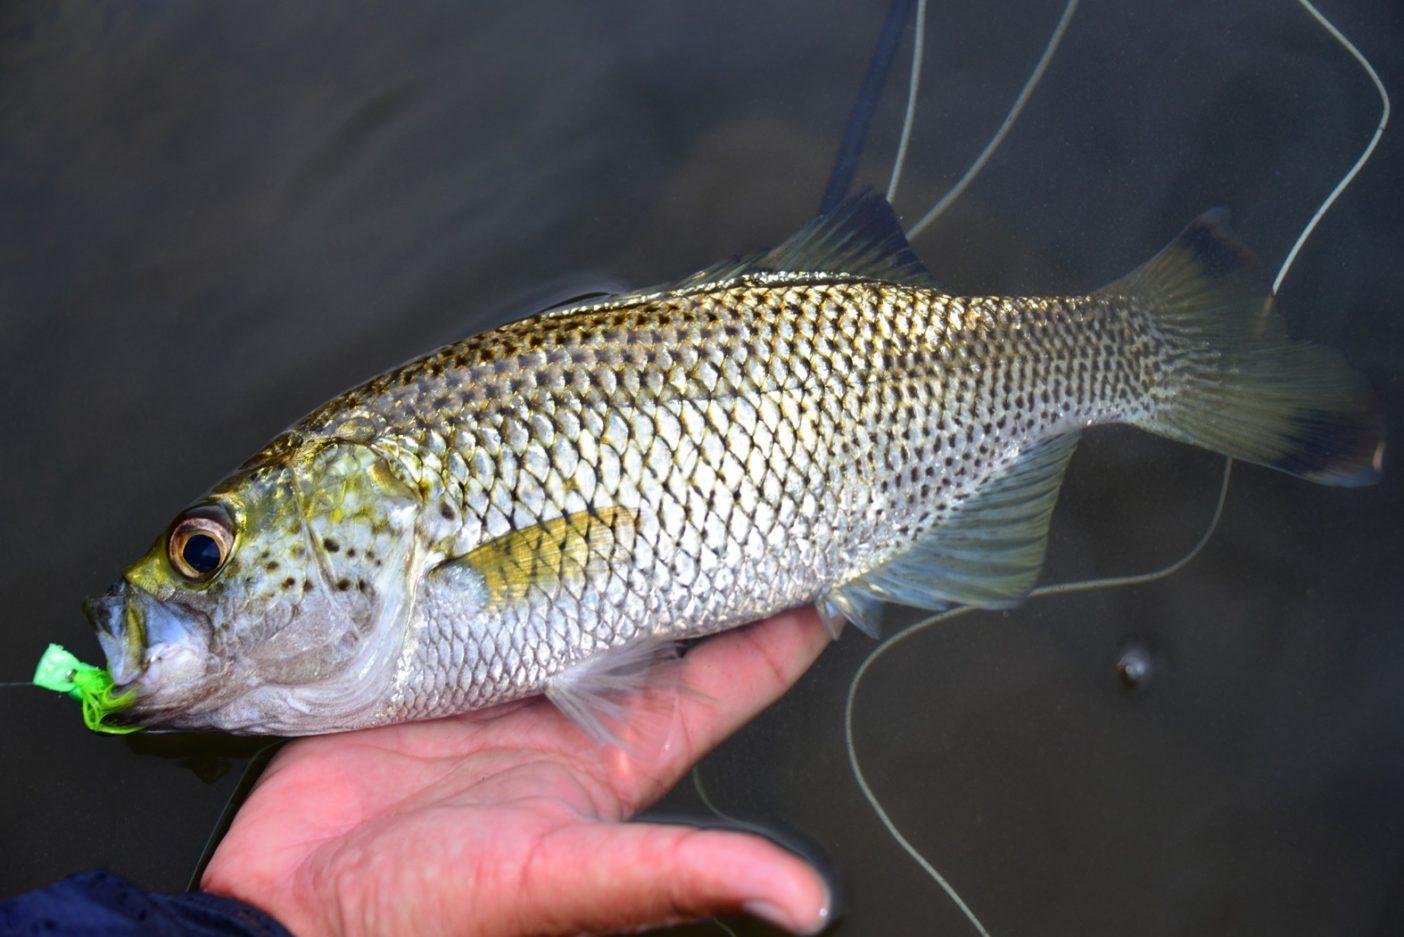 30センチメートルを超えるオオクチユゴイ。このサイズになると強い引きで釣り人を楽しませてくれる。写真:中根 淳一